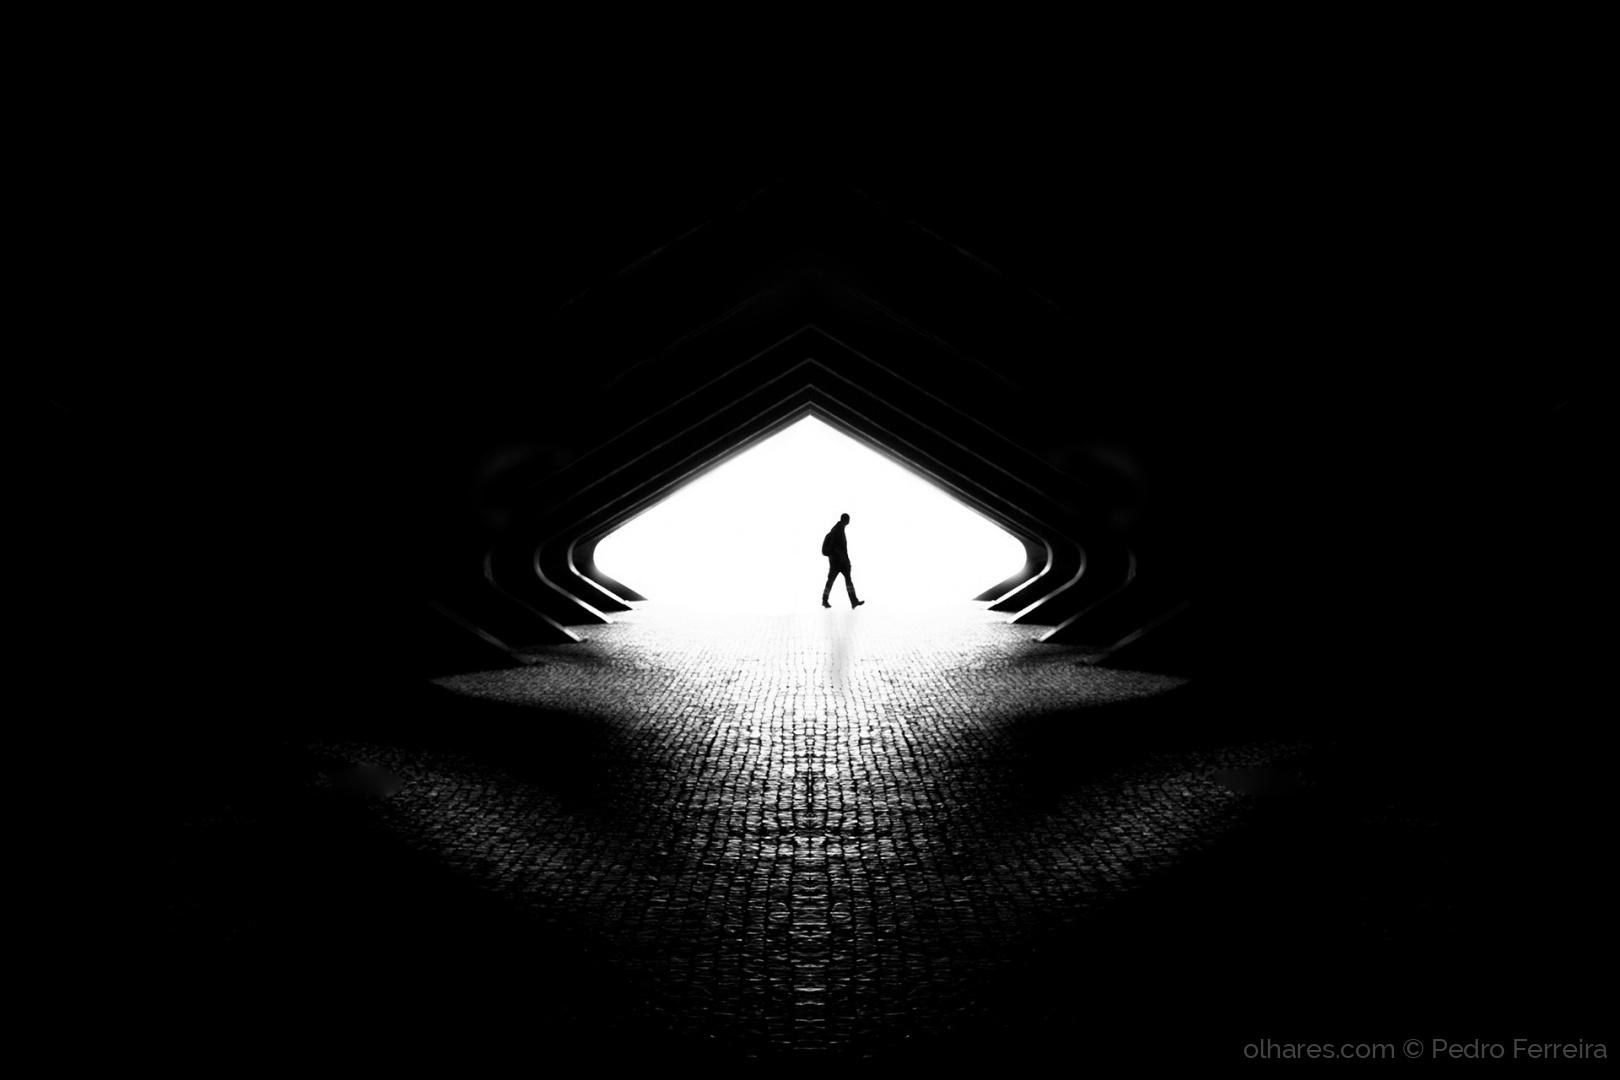 © Pedro Ferreira - odd one out